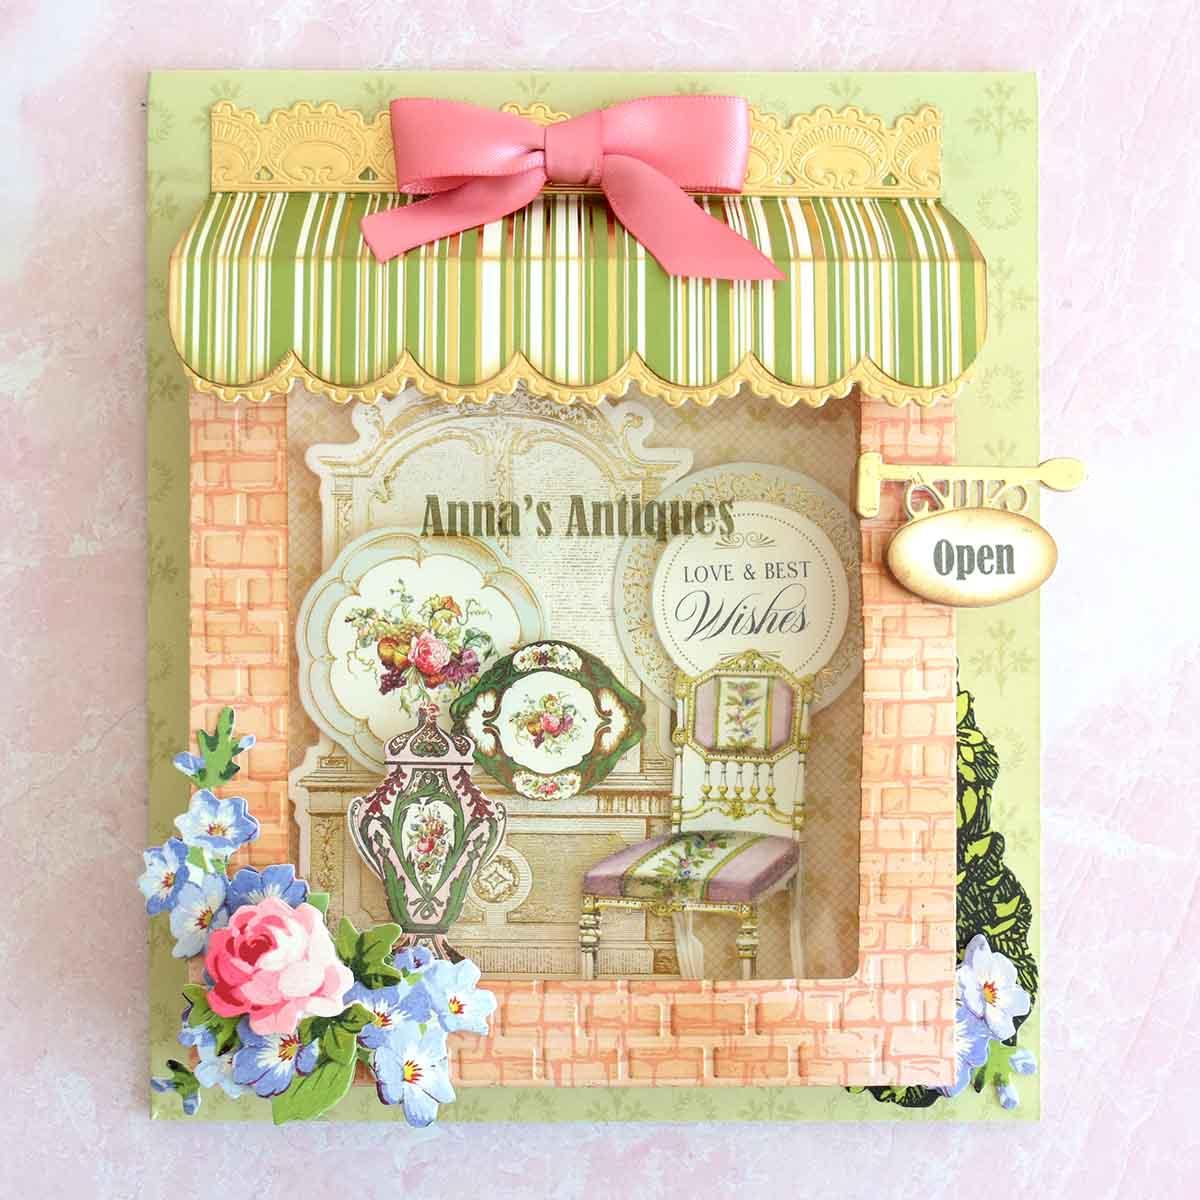 Antique storefront card with vignette inside.